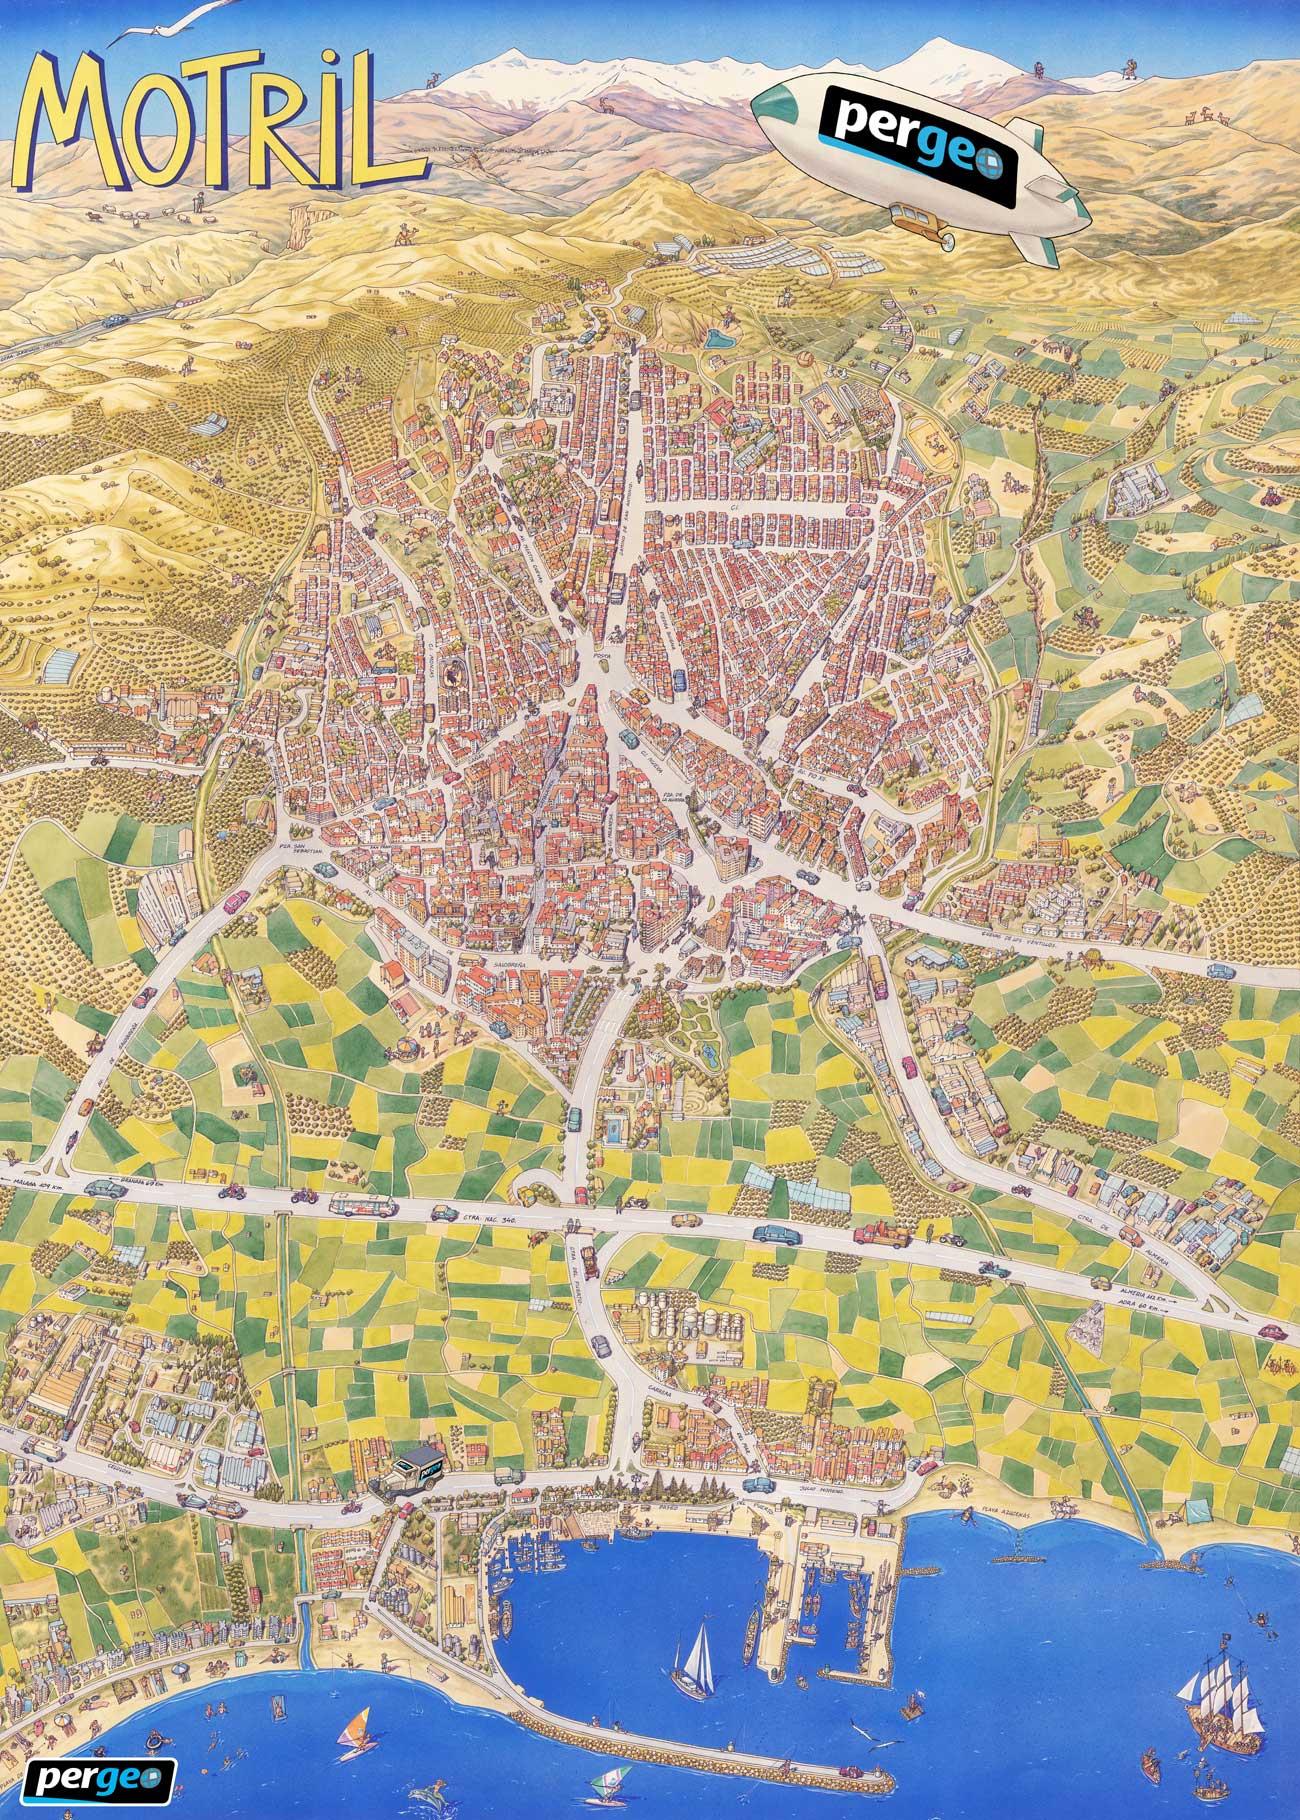 plano-historico-de-motril-1300px